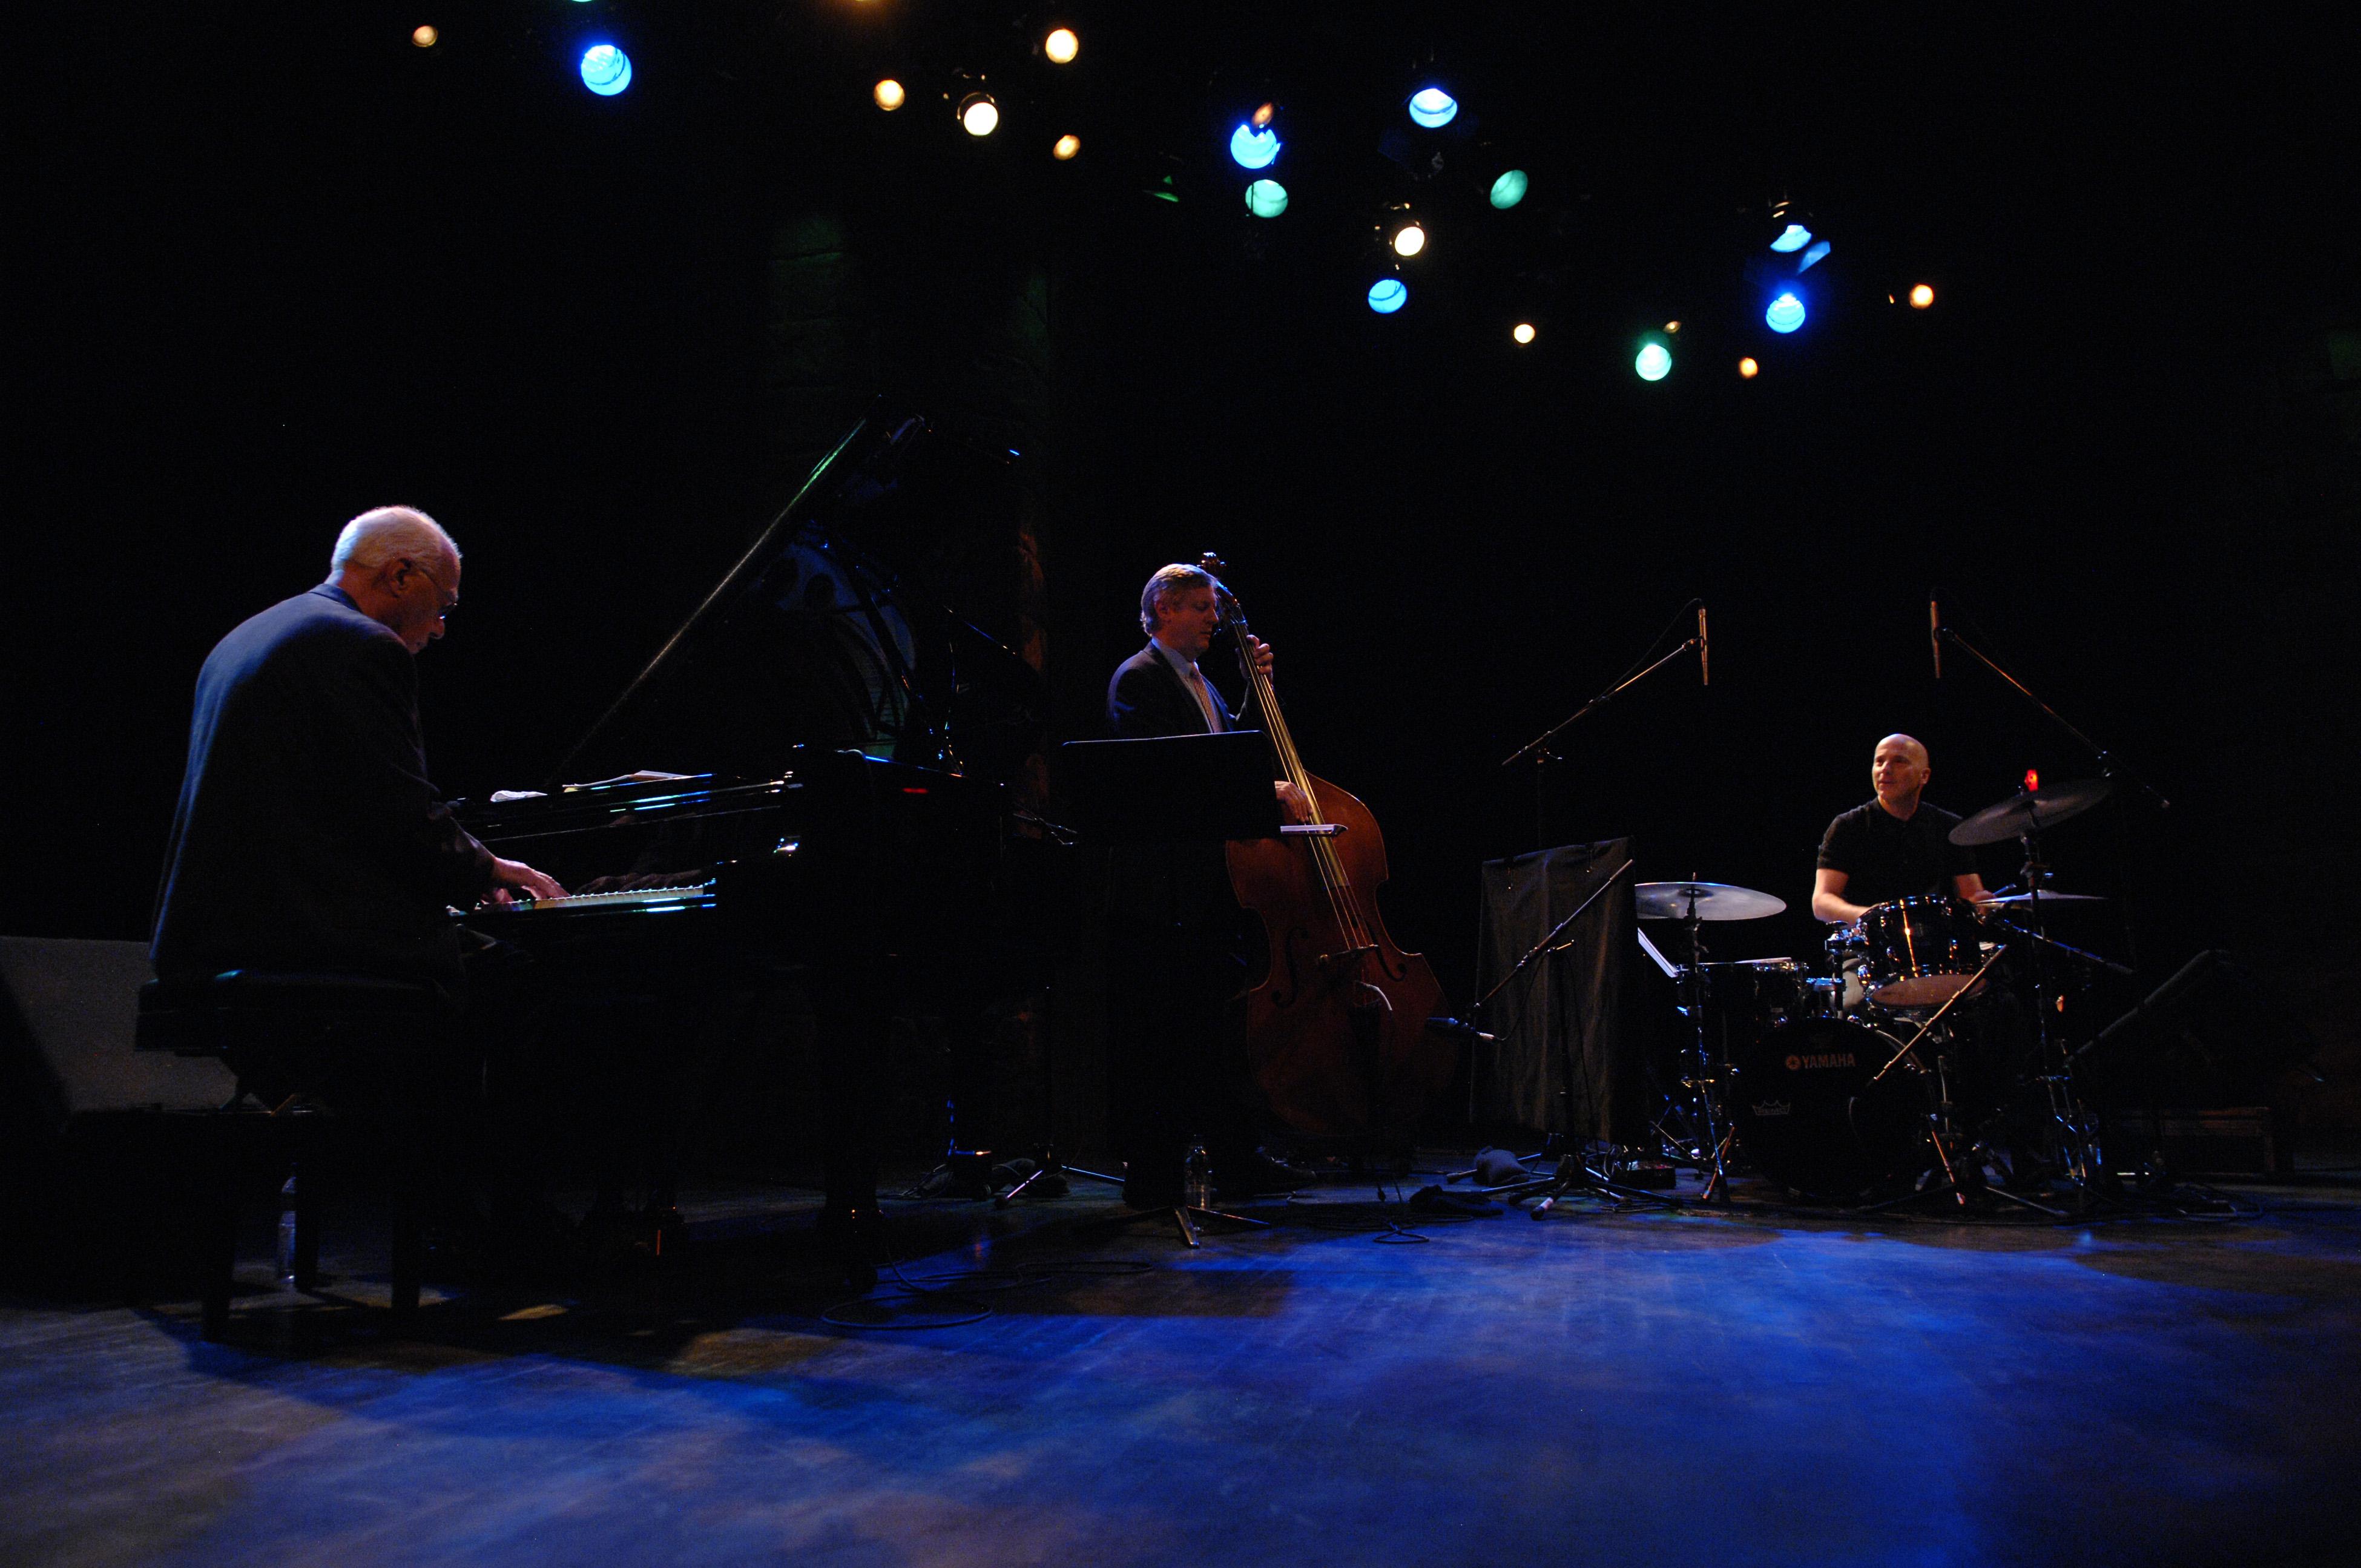 Kuhn Trio